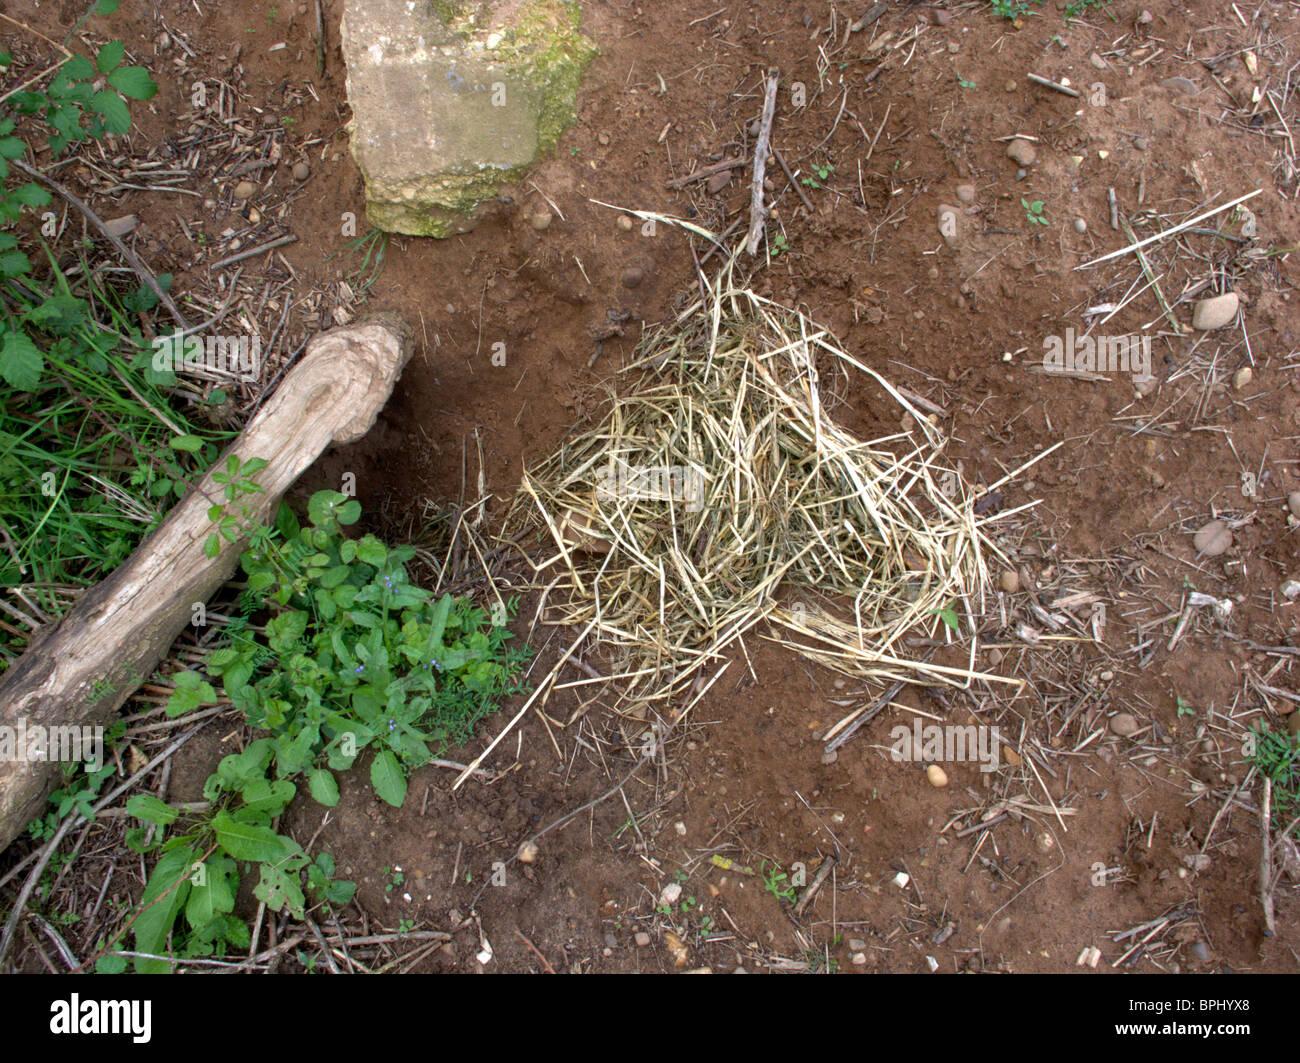 Dachs, Meles Meles, nest Material durch Dachse Sett, Midlands, Juli 2010 Stockfoto